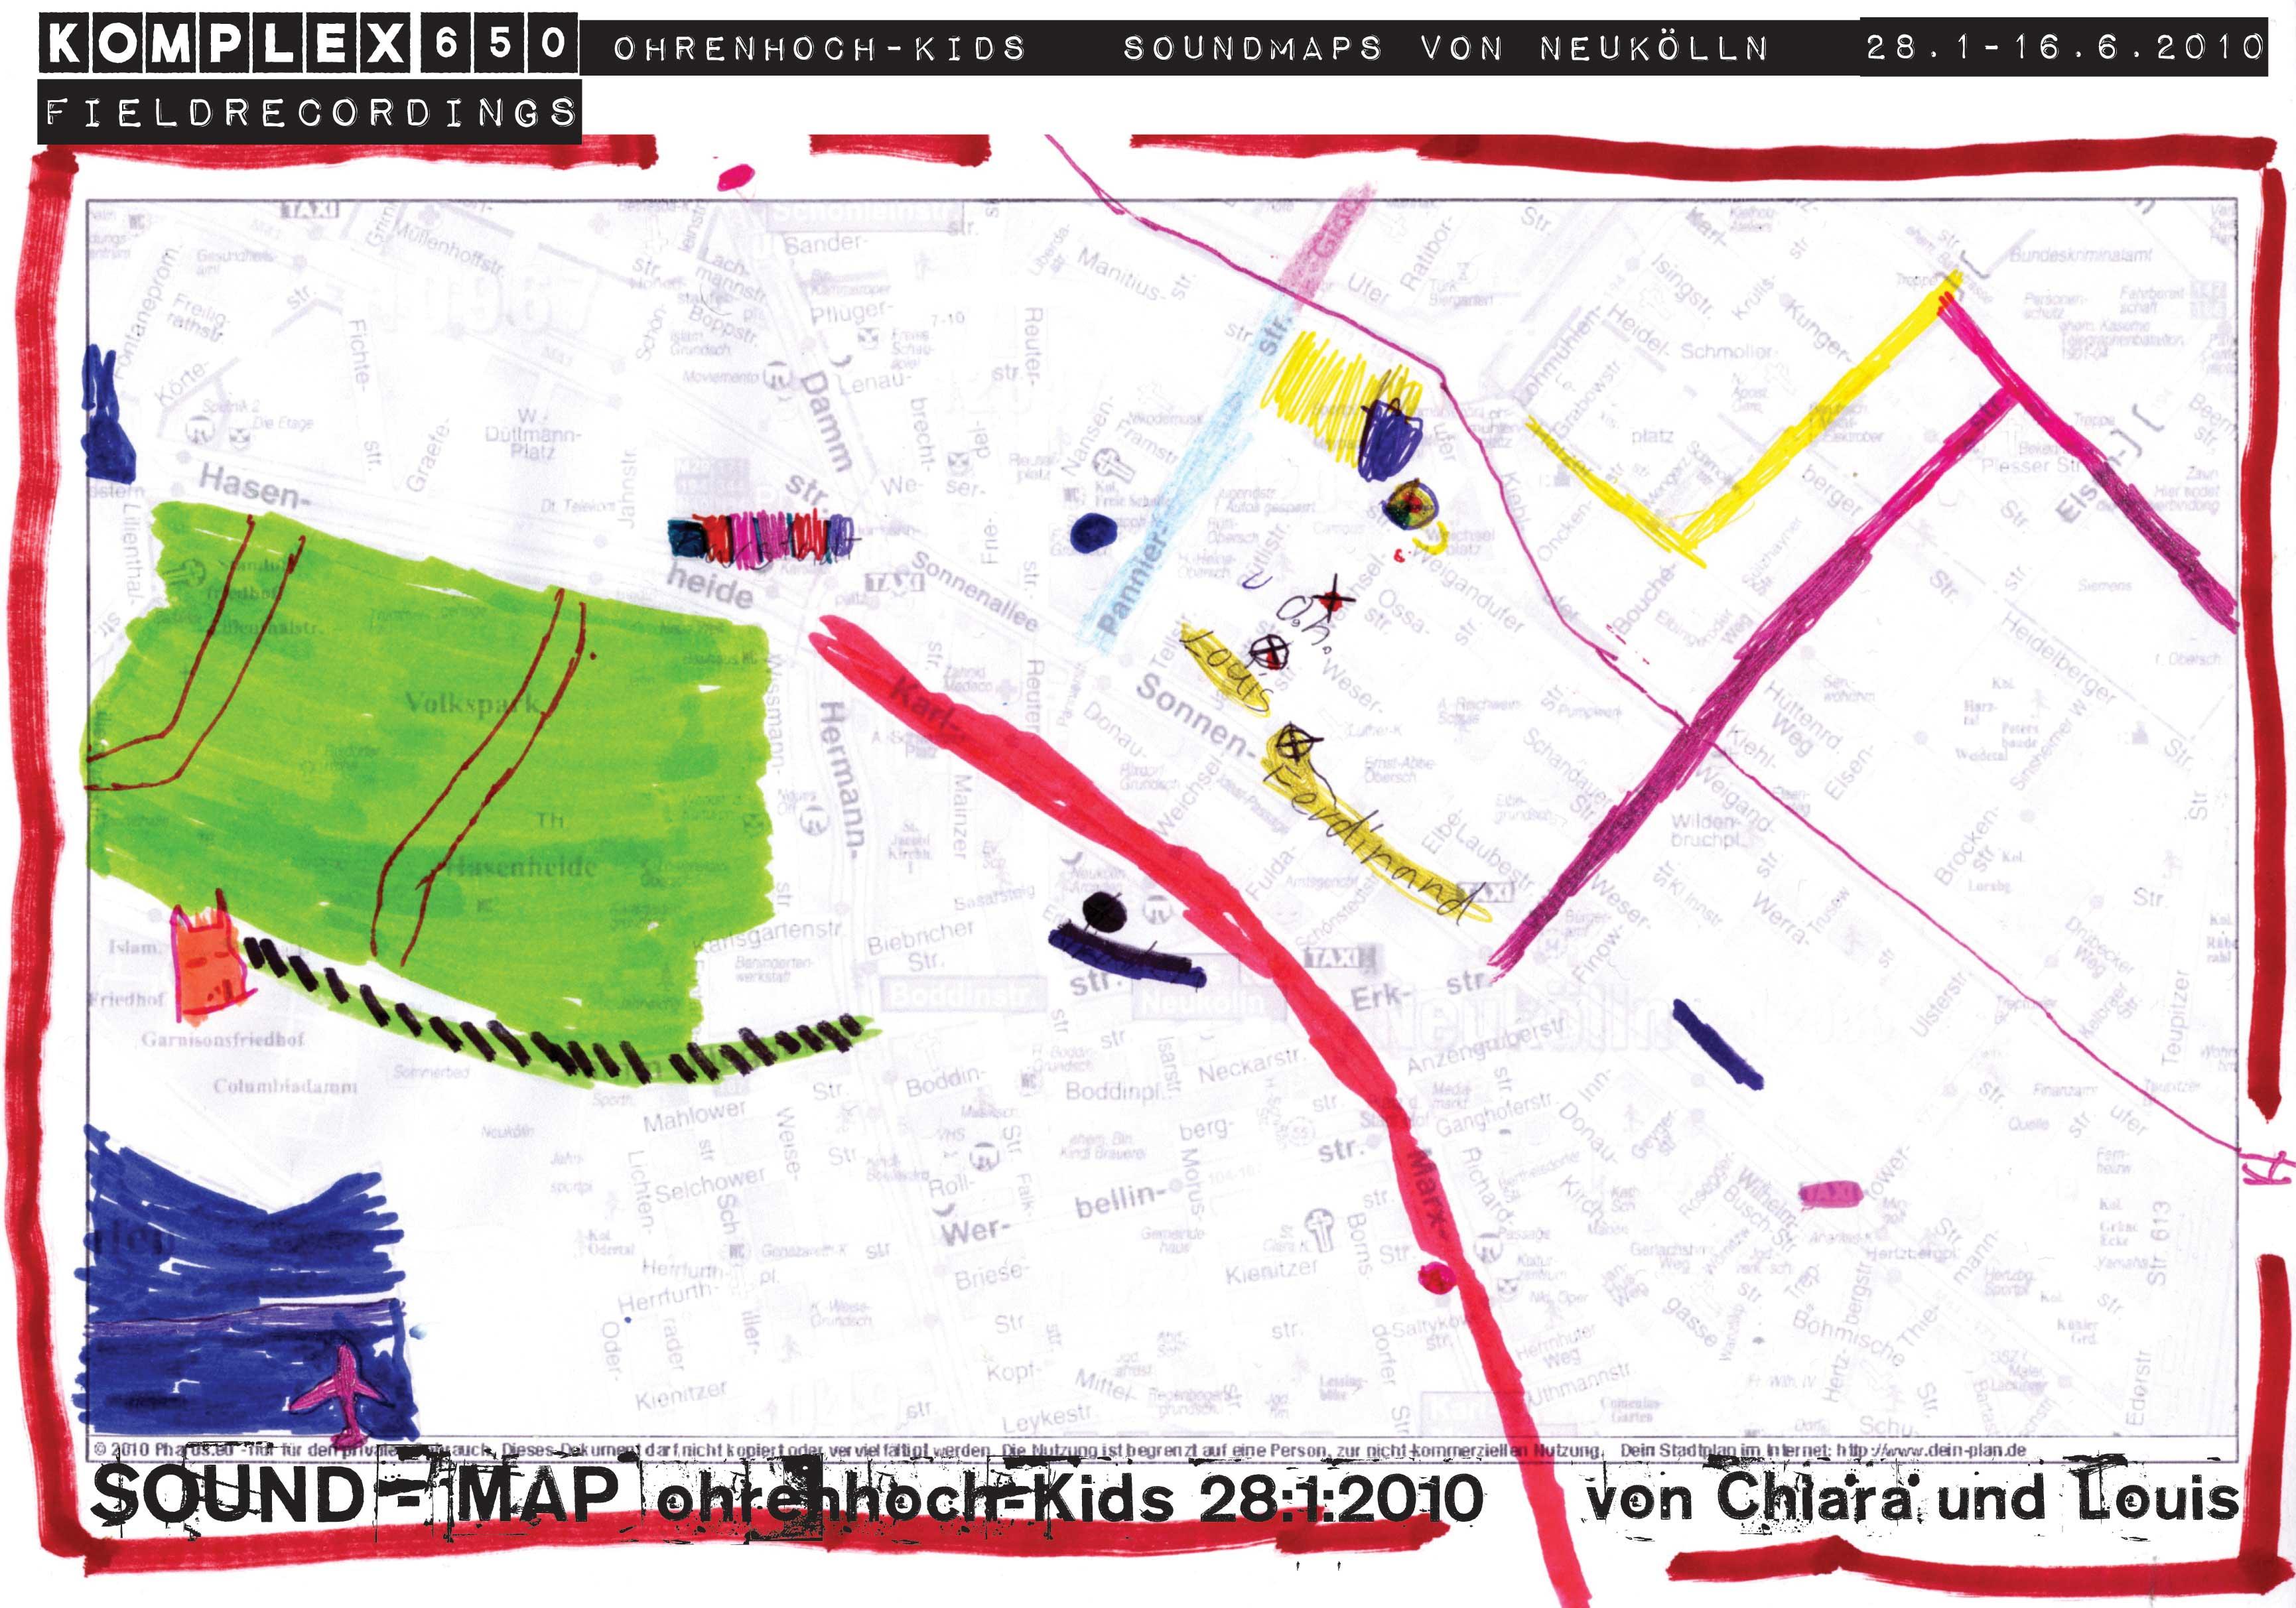 'Soundmap Neukölln' 2010